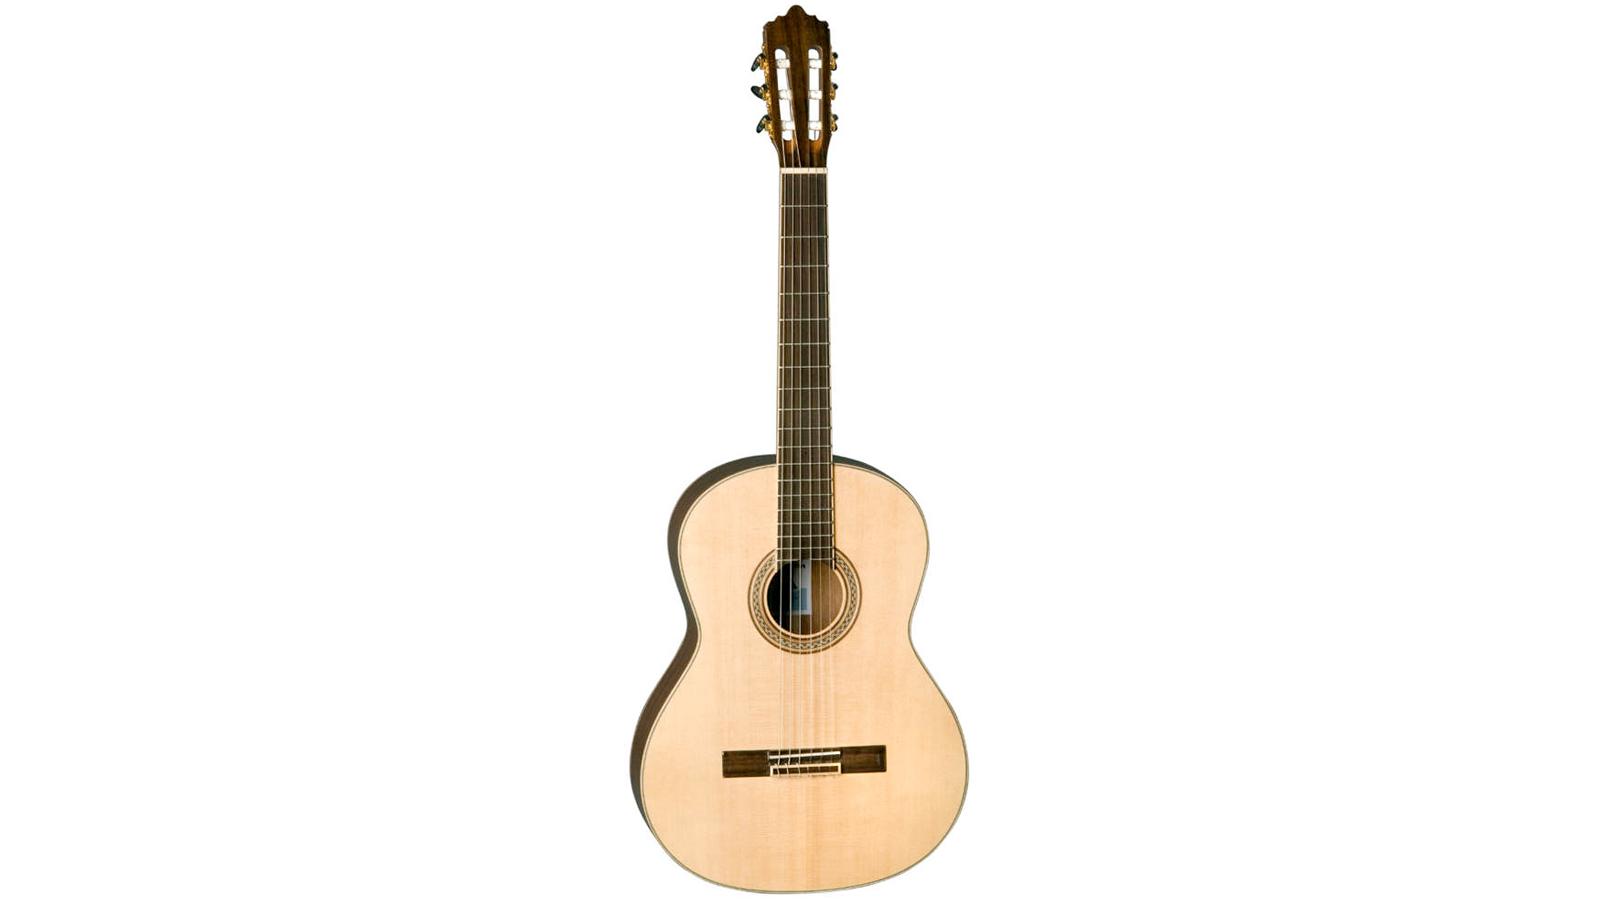 La Mancha Opalo S Konzertgitarre 4/4